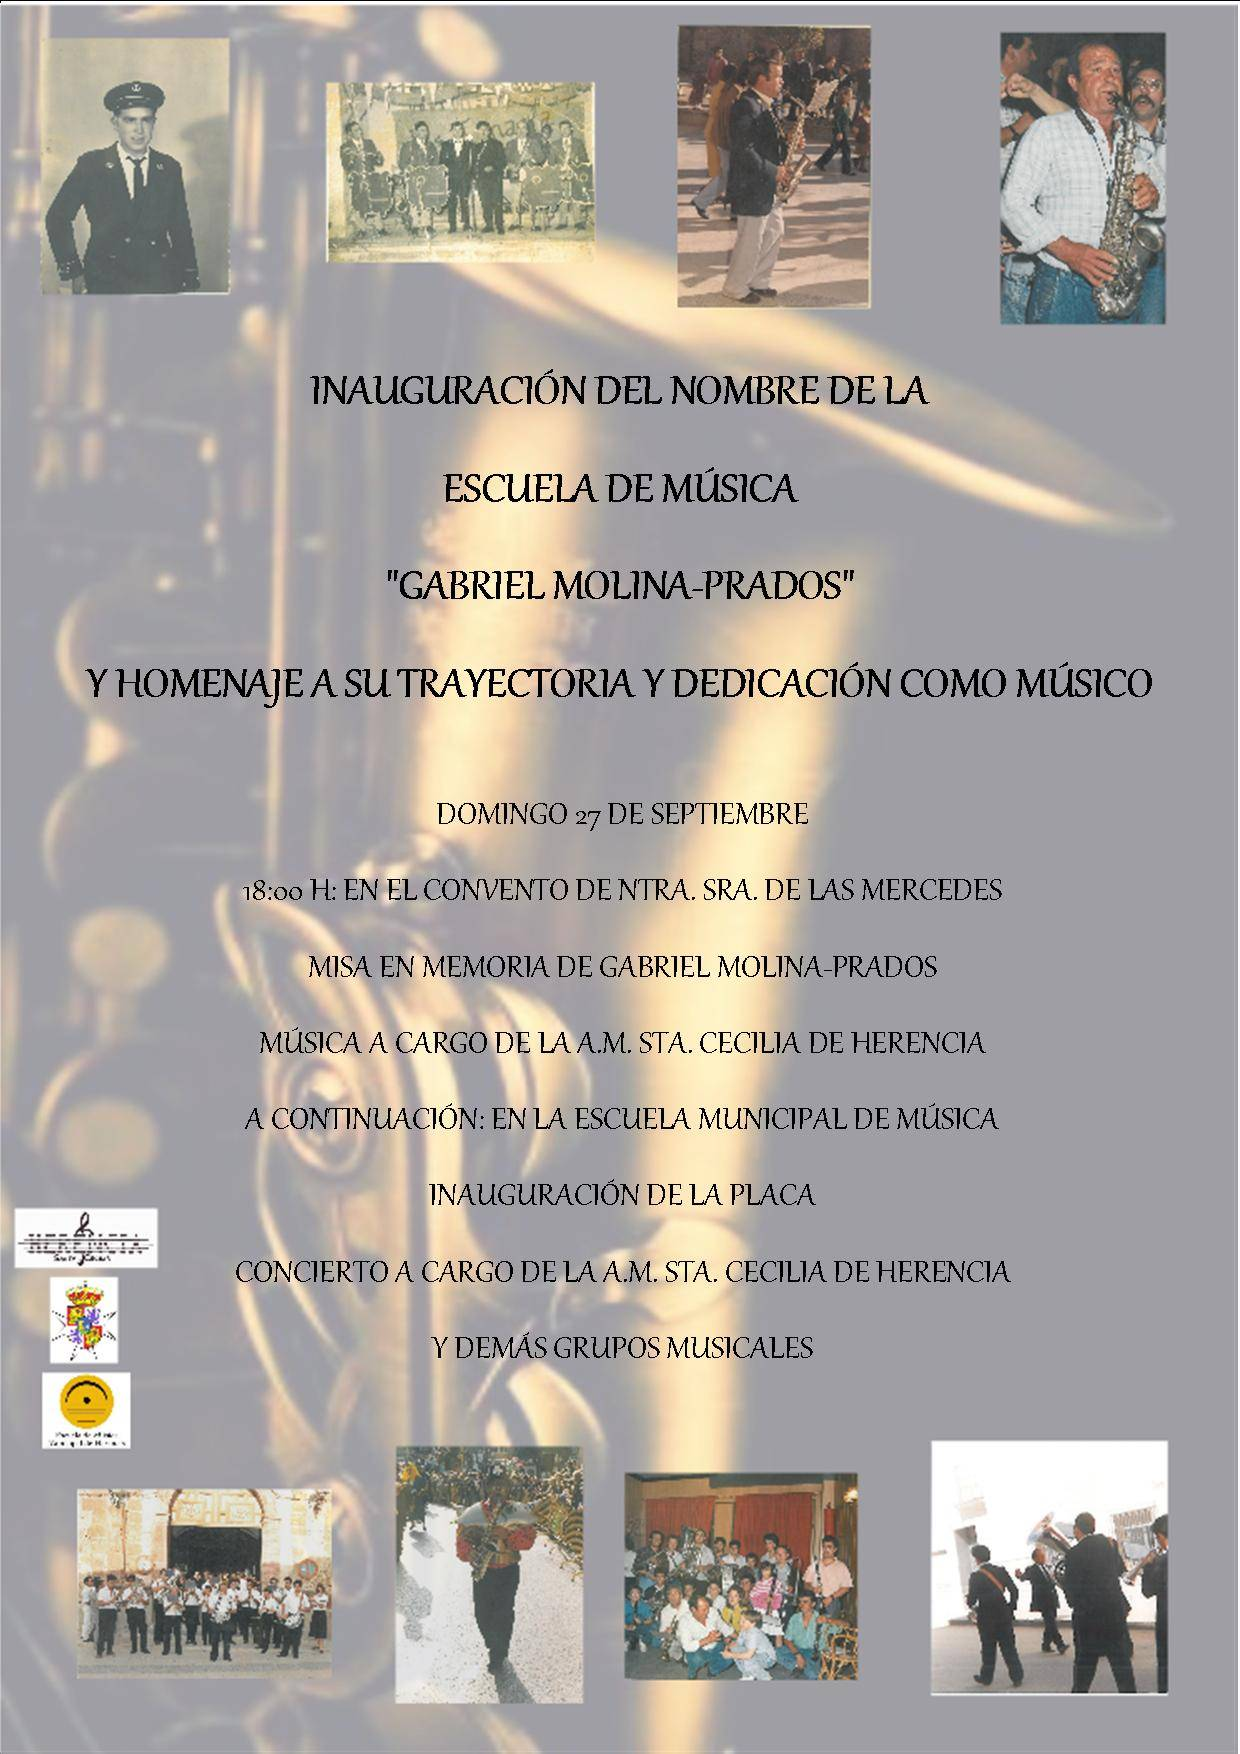 Inauguraci%C3%B3n del nombre de la escuela de m%C3%BAsica de Herencia - Gabriel Molina-Prados será el nombre de la Escuela de Música